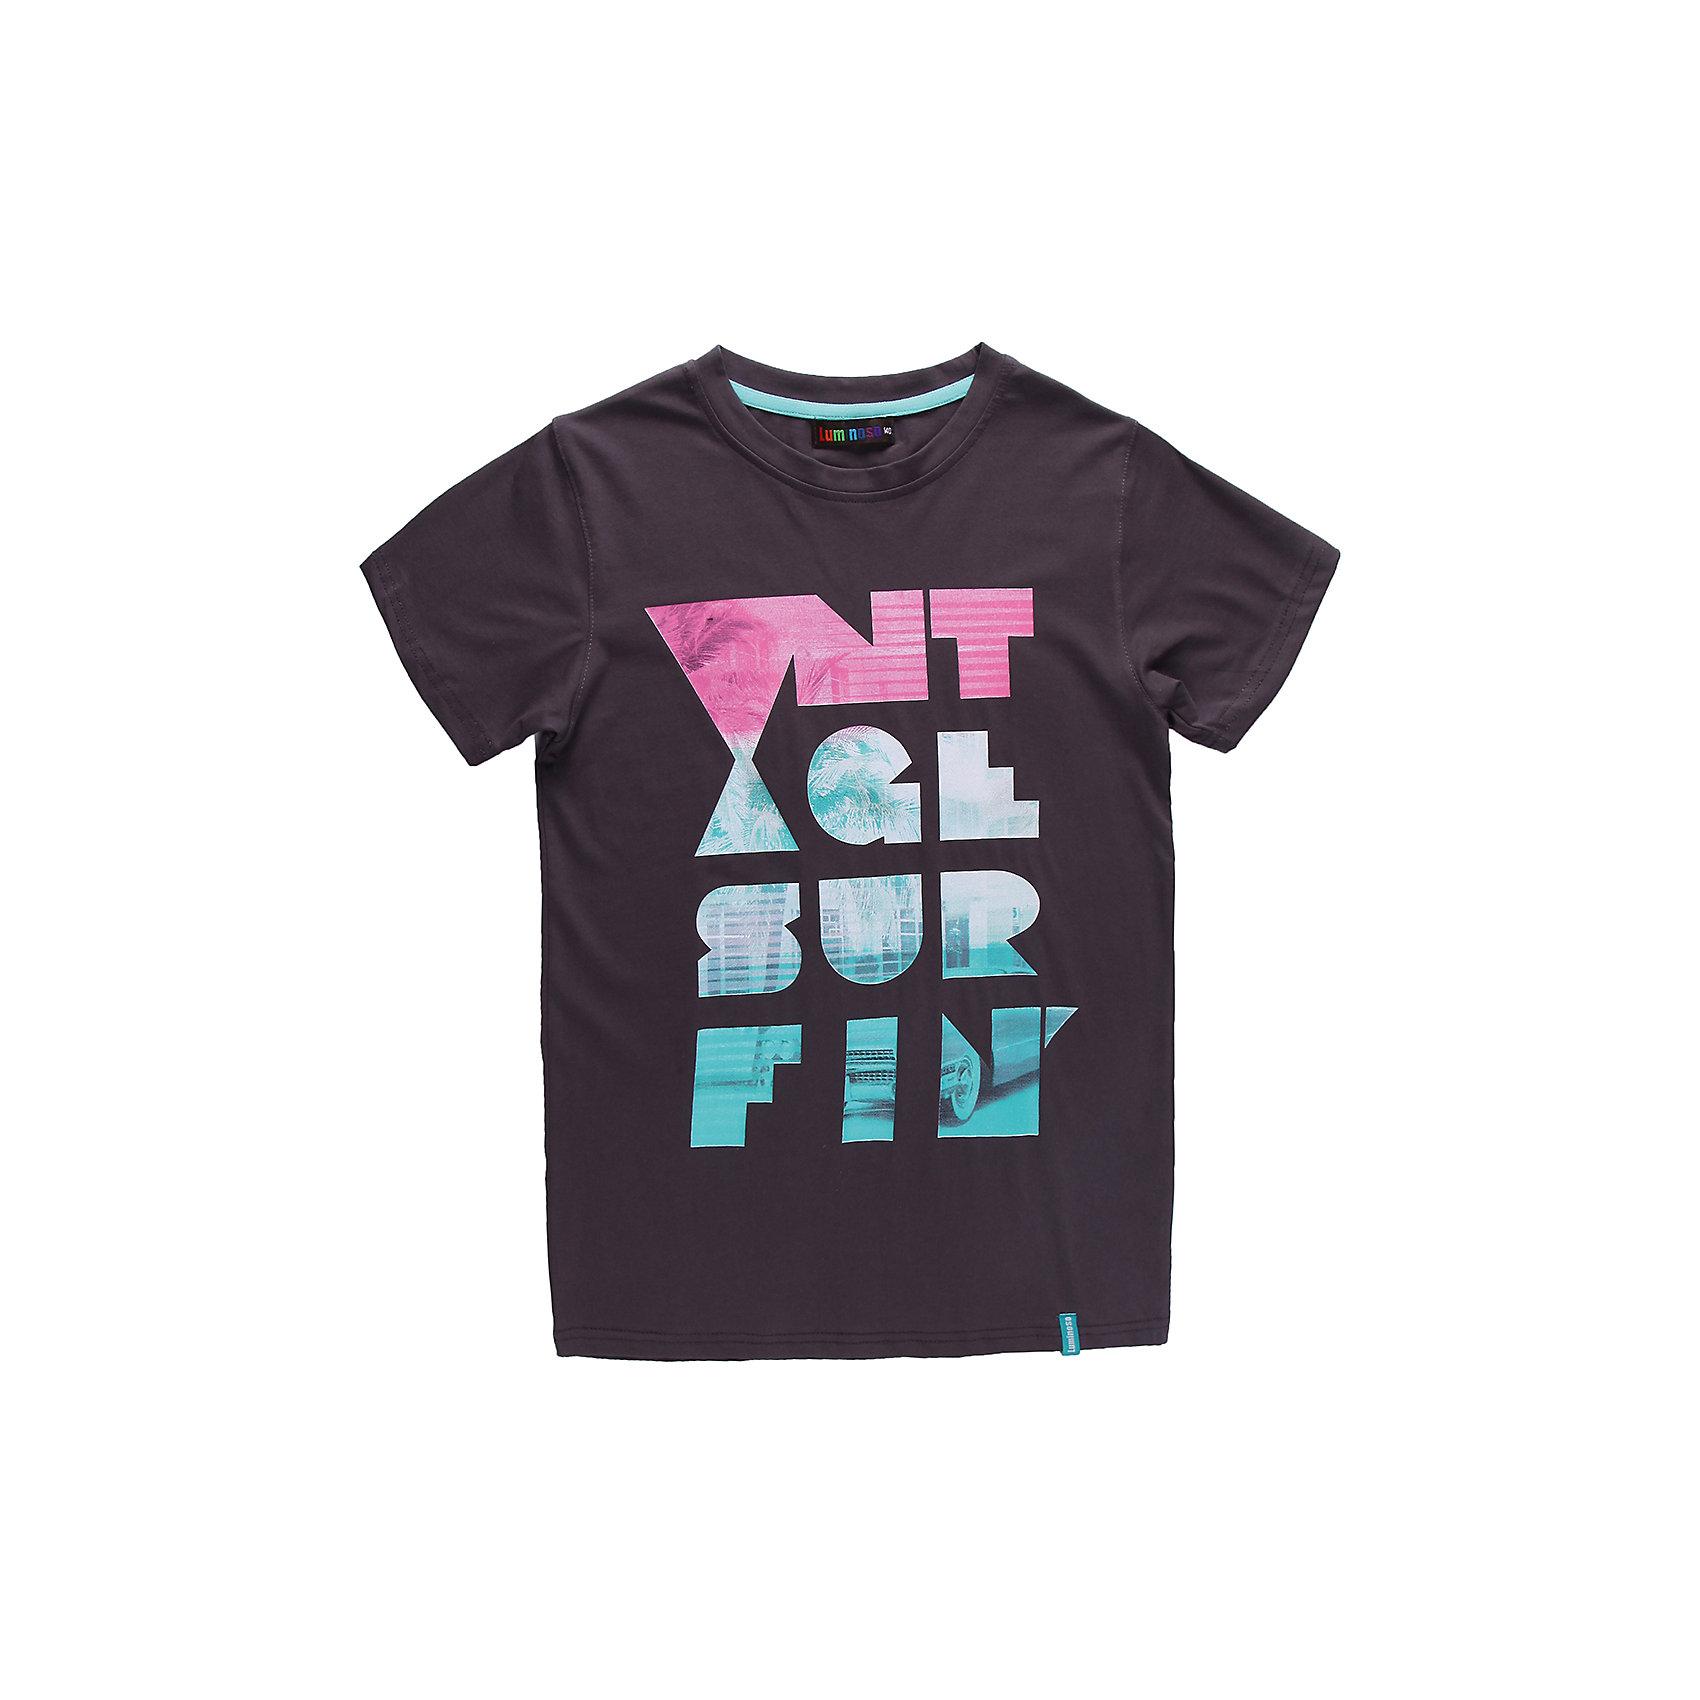 Футболка для мальчика LuminosoЯркая футболка для мальчика. Горловина из эластичной трикотажной резинки контрастного цвета. Футболка украшена ярким принтом.<br>Состав:<br>95% хлопок 5% эластан<br><br>Ширина мм: 199<br>Глубина мм: 10<br>Высота мм: 161<br>Вес г: 151<br>Цвет: серый<br>Возраст от месяцев: 120<br>Возраст до месяцев: 132<br>Пол: Мужской<br>Возраст: Детский<br>Размер: 146,158,152,164,134,140<br>SKU: 4523307